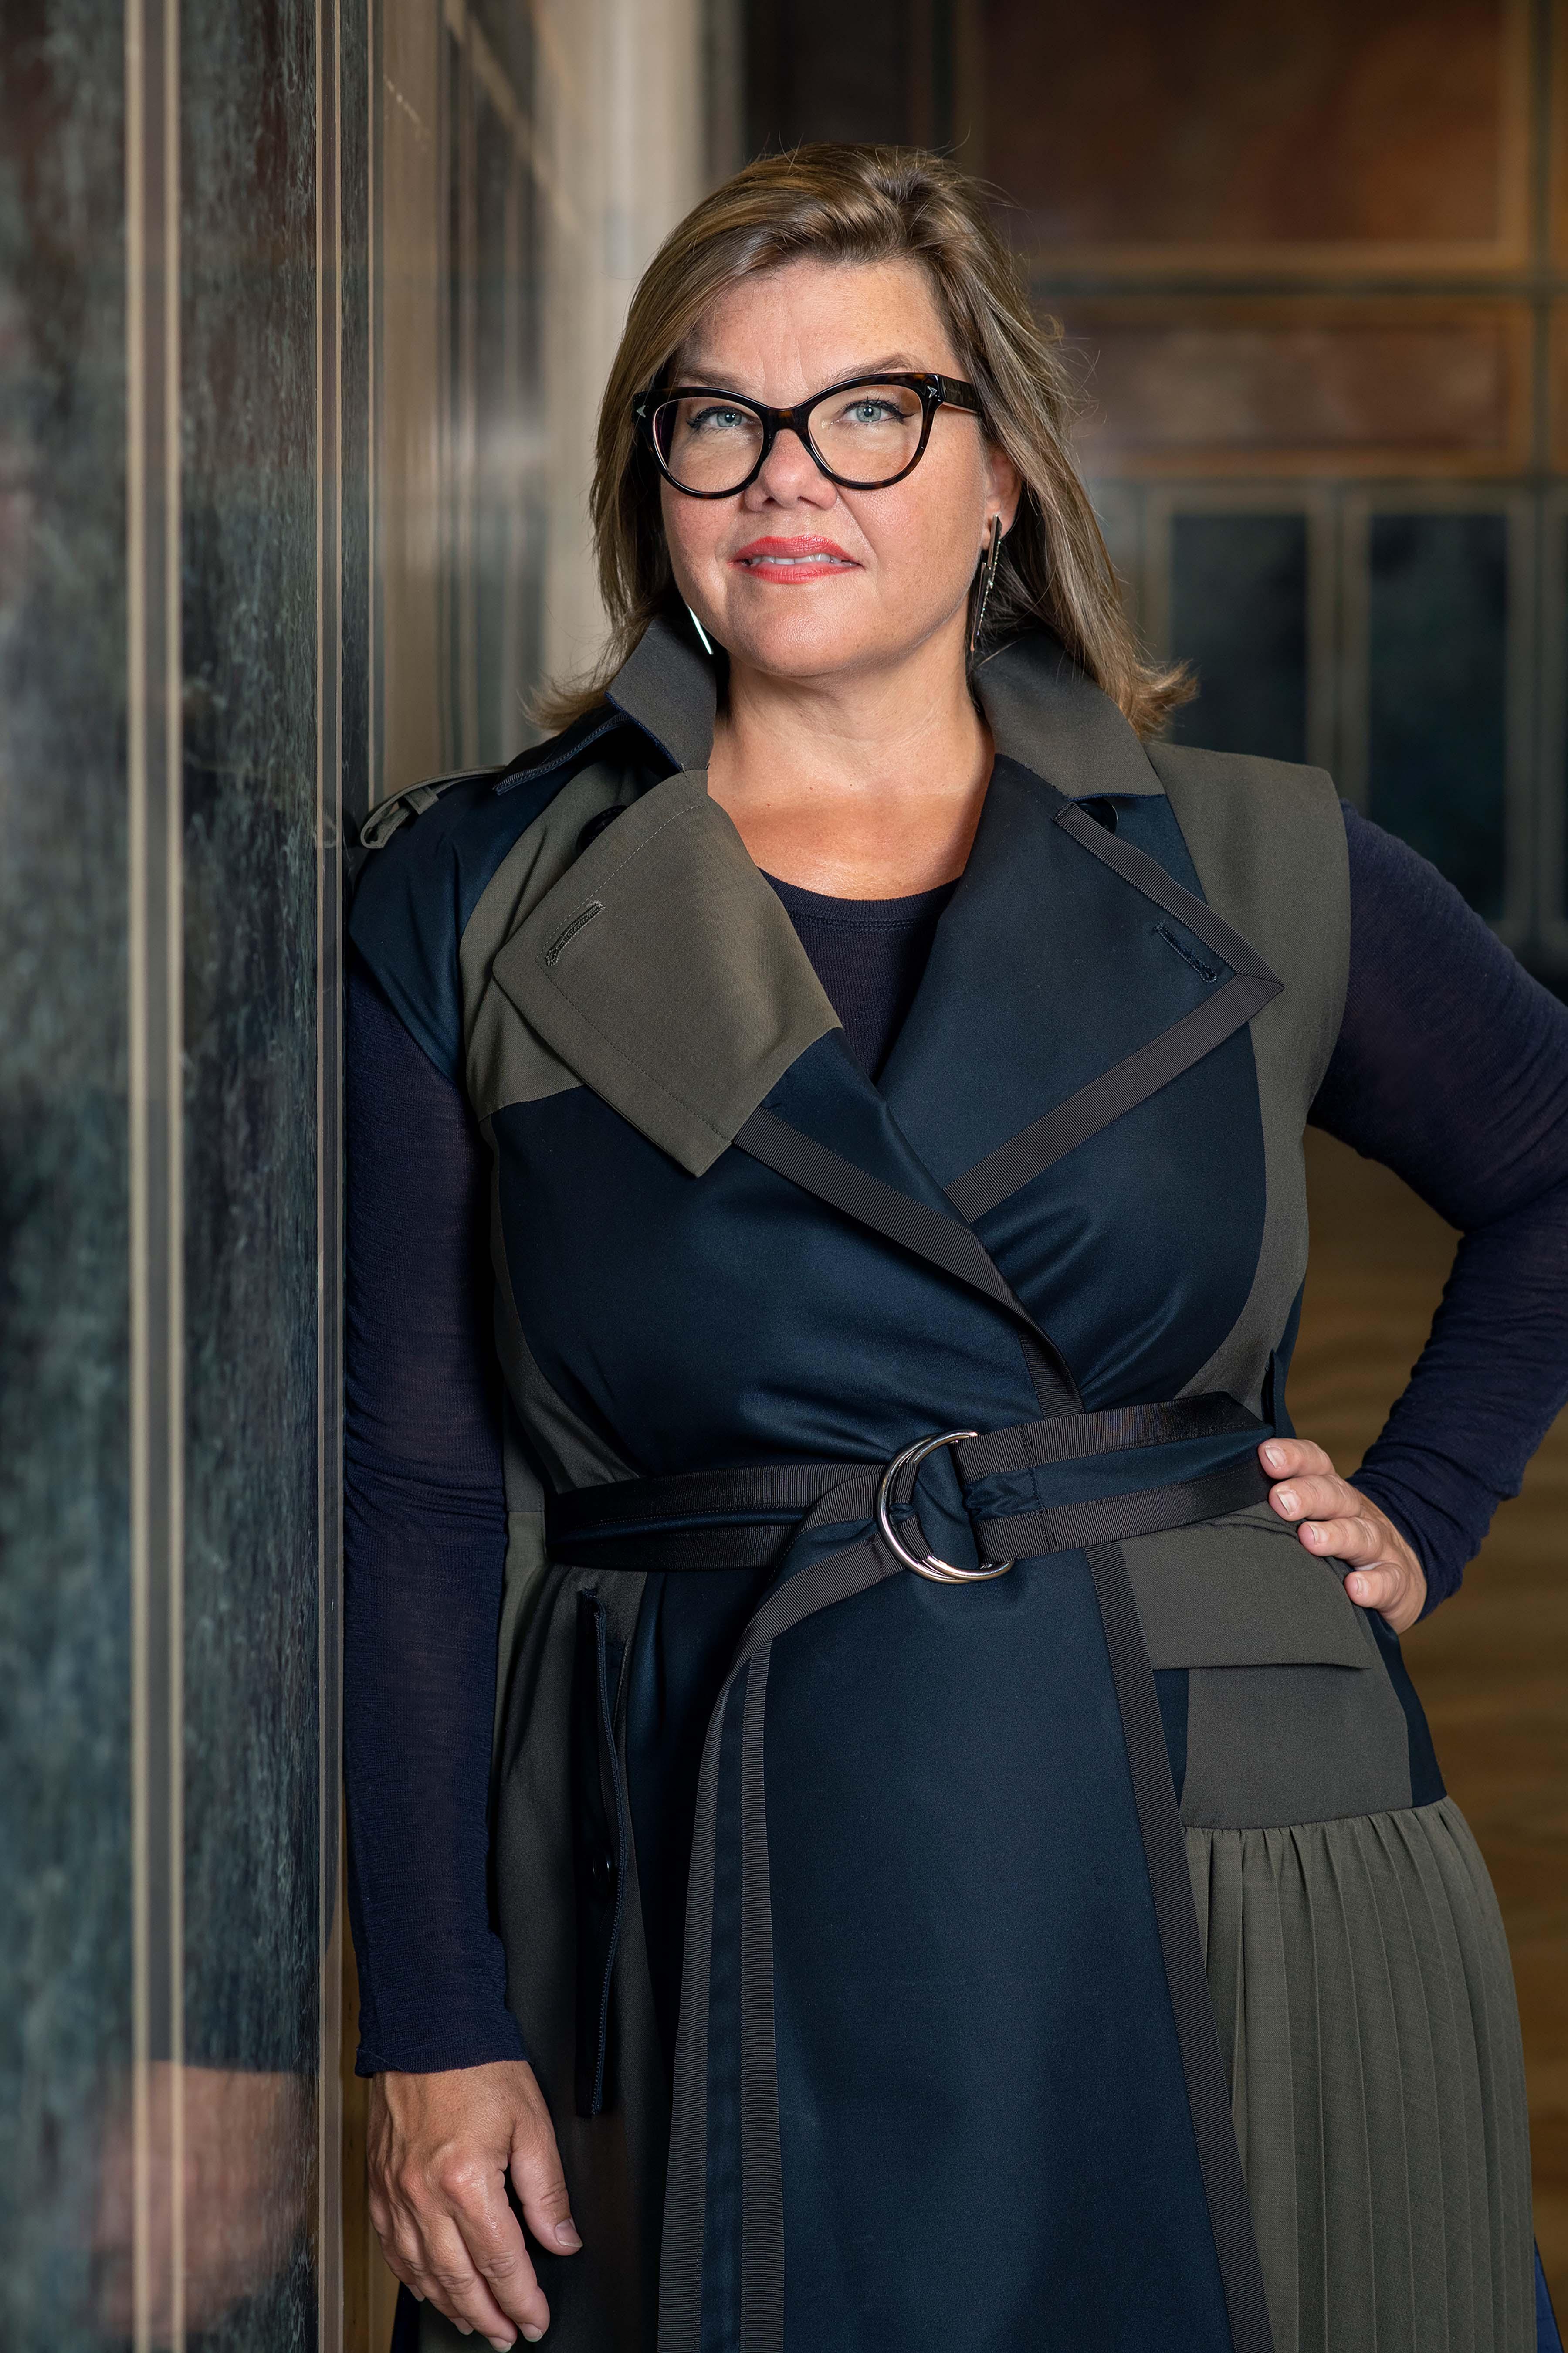 Lilli Hollein ist neue Generaldirektorin und wissenschaftliche Geschäftsführerin im MAK Wien